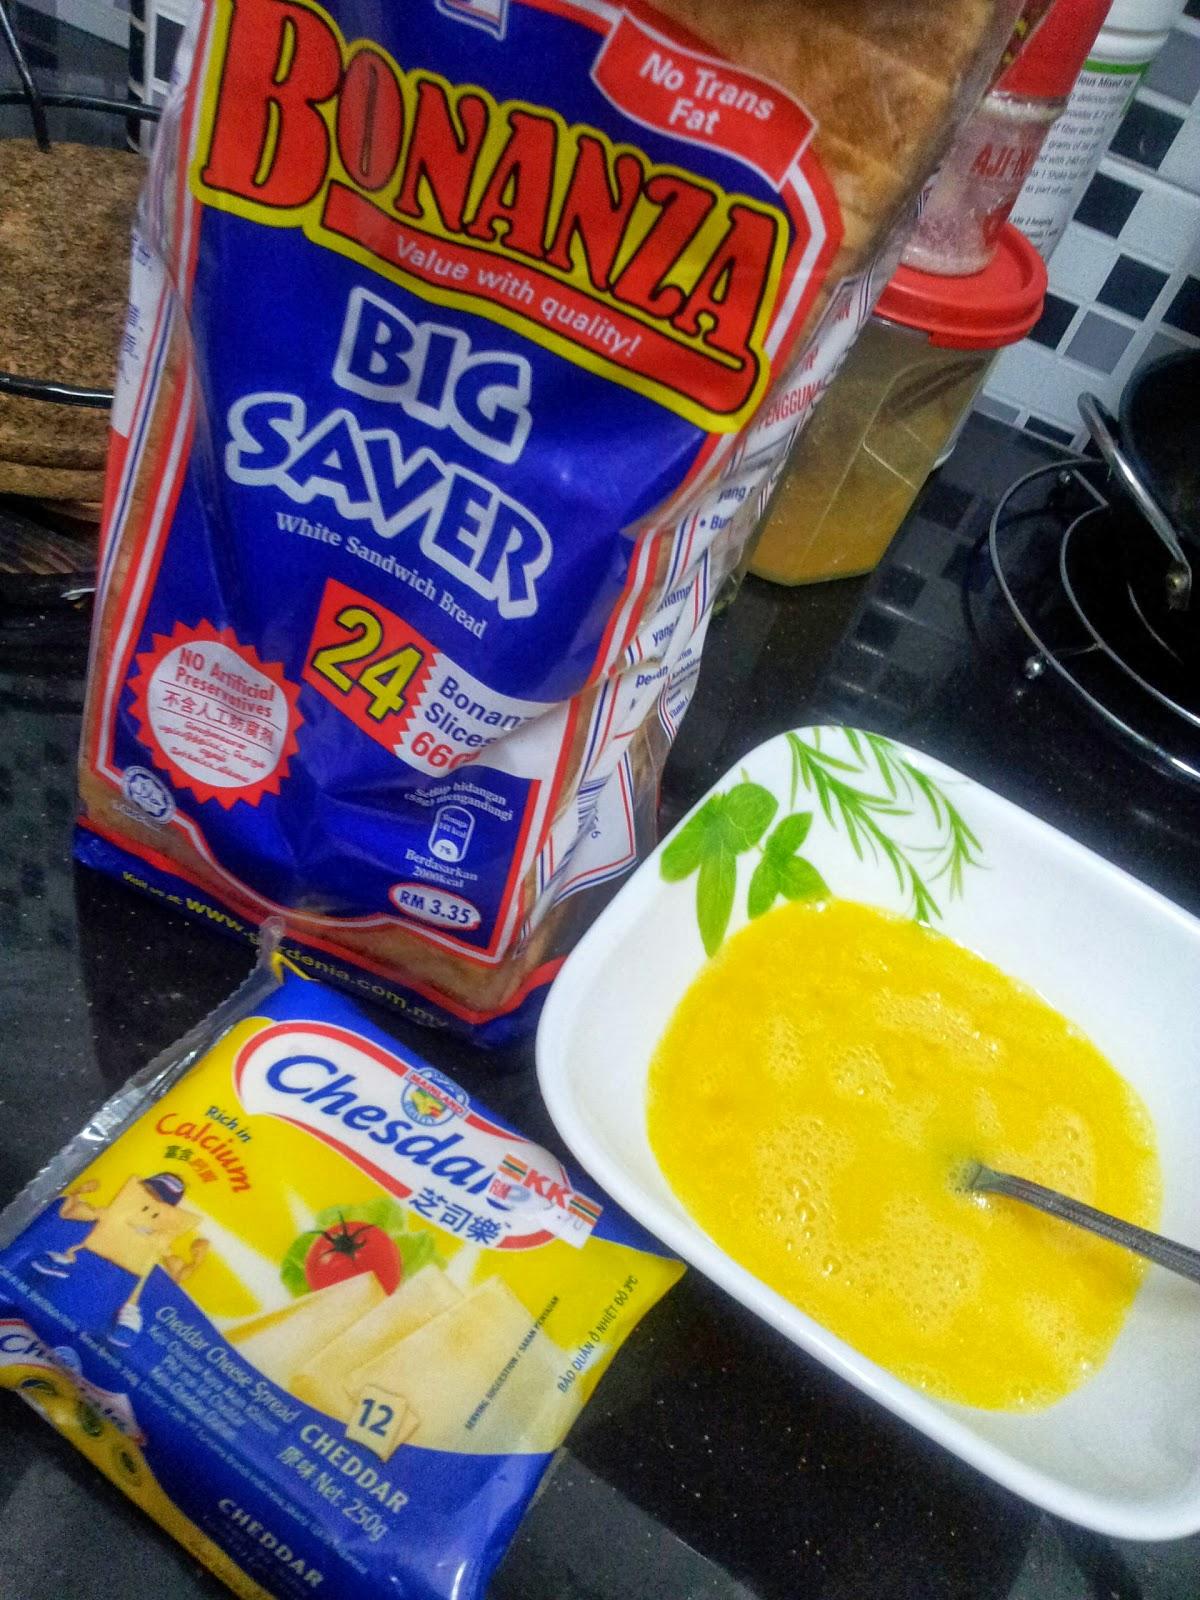 resepi roti telur cheese resepi bergambar Resepi Sardin Black Paper Enak dan Mudah